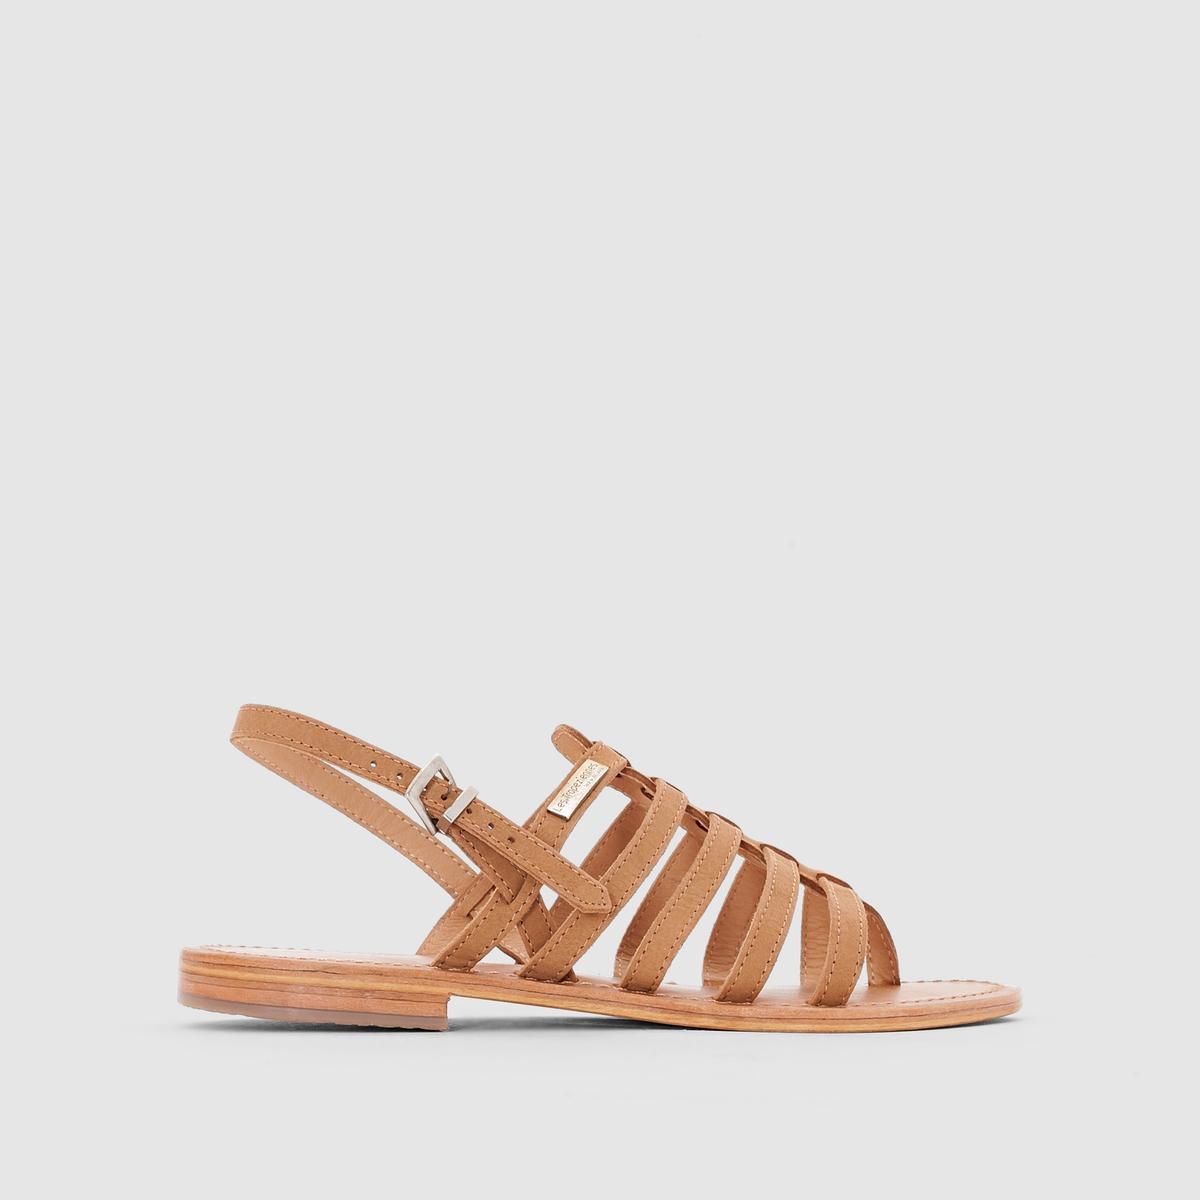 Босоножки кожаные на плоском каблуке Hook босоножки кожаные с кисточками на плоском каблуке